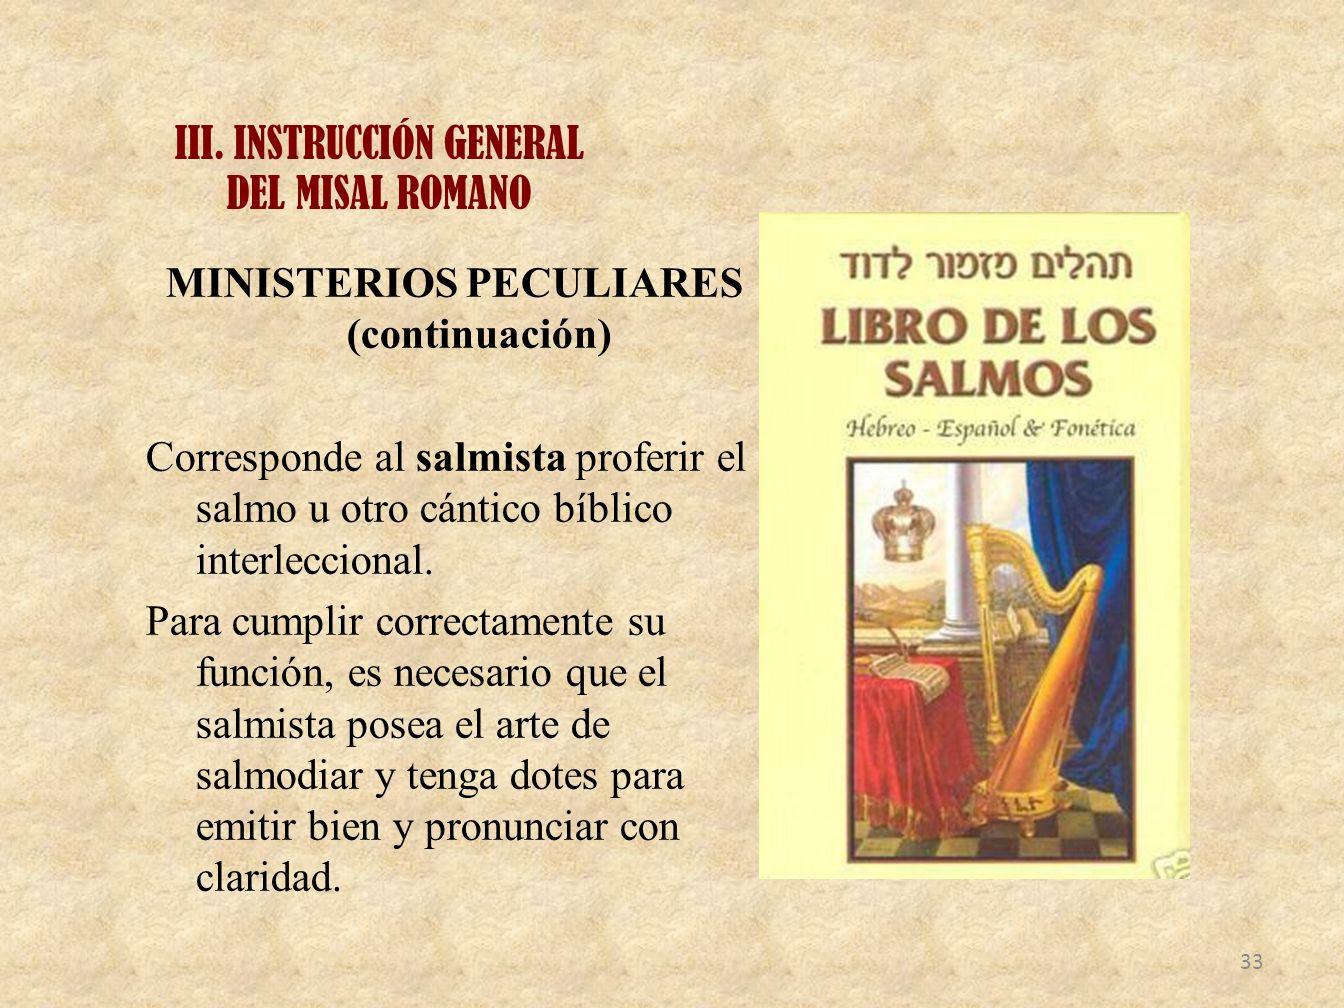 III. INSTRUCCIÓN GENERAL DEL MISAL ROMANO MINISTERIOS PECULIARES (continuación) Corresponde al salmista proferir el salmo u otro cántico bíblico inter